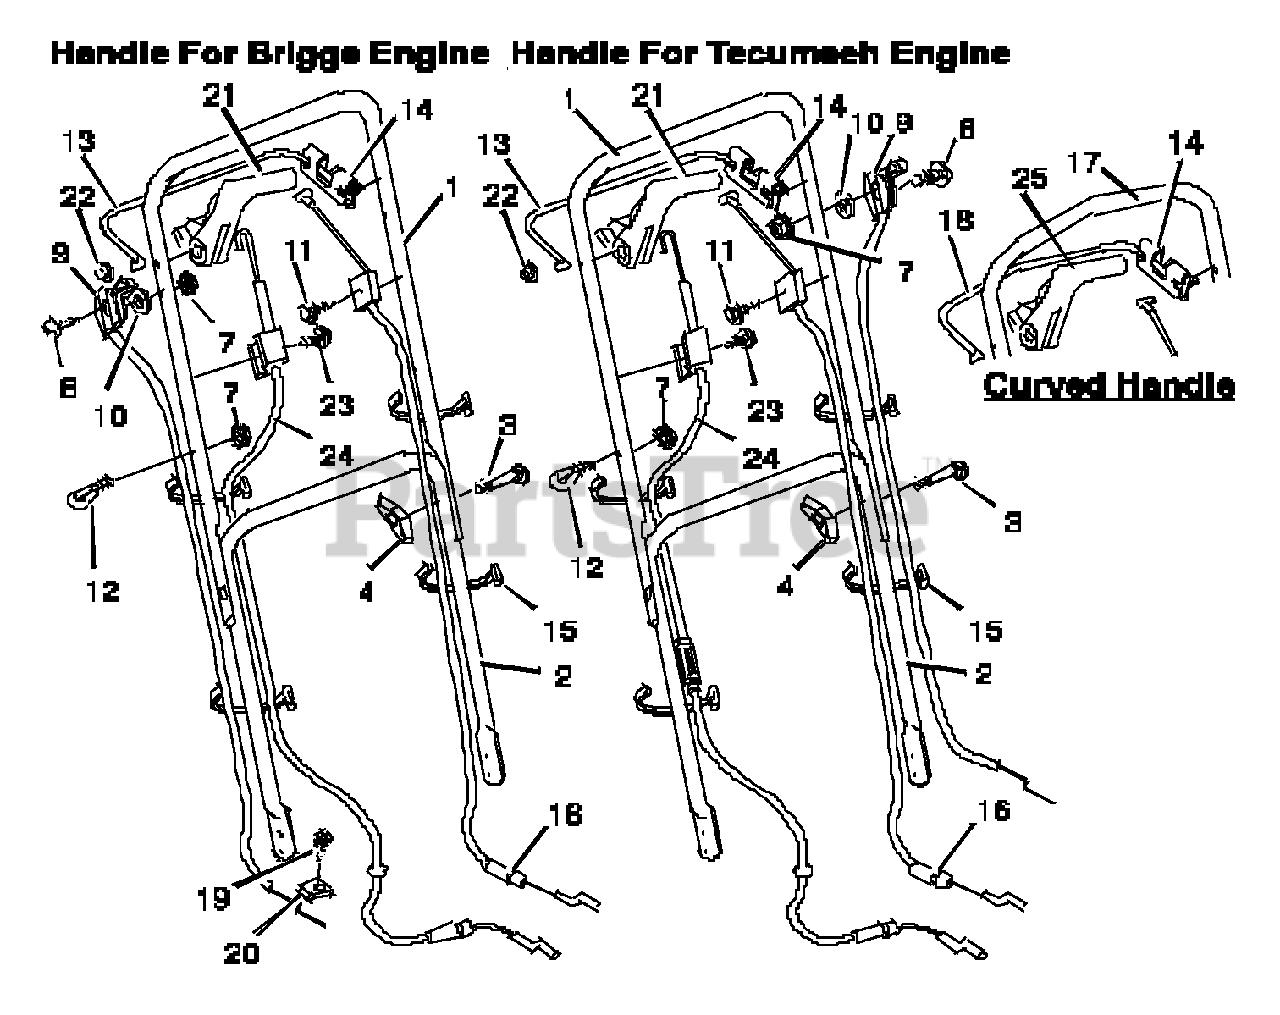 briggs engine diagram briggs   stratton 22767x41e briggs   stratton 22  walk behind briggs and stratton engine diagram briggs   stratton 22767x41e briggs